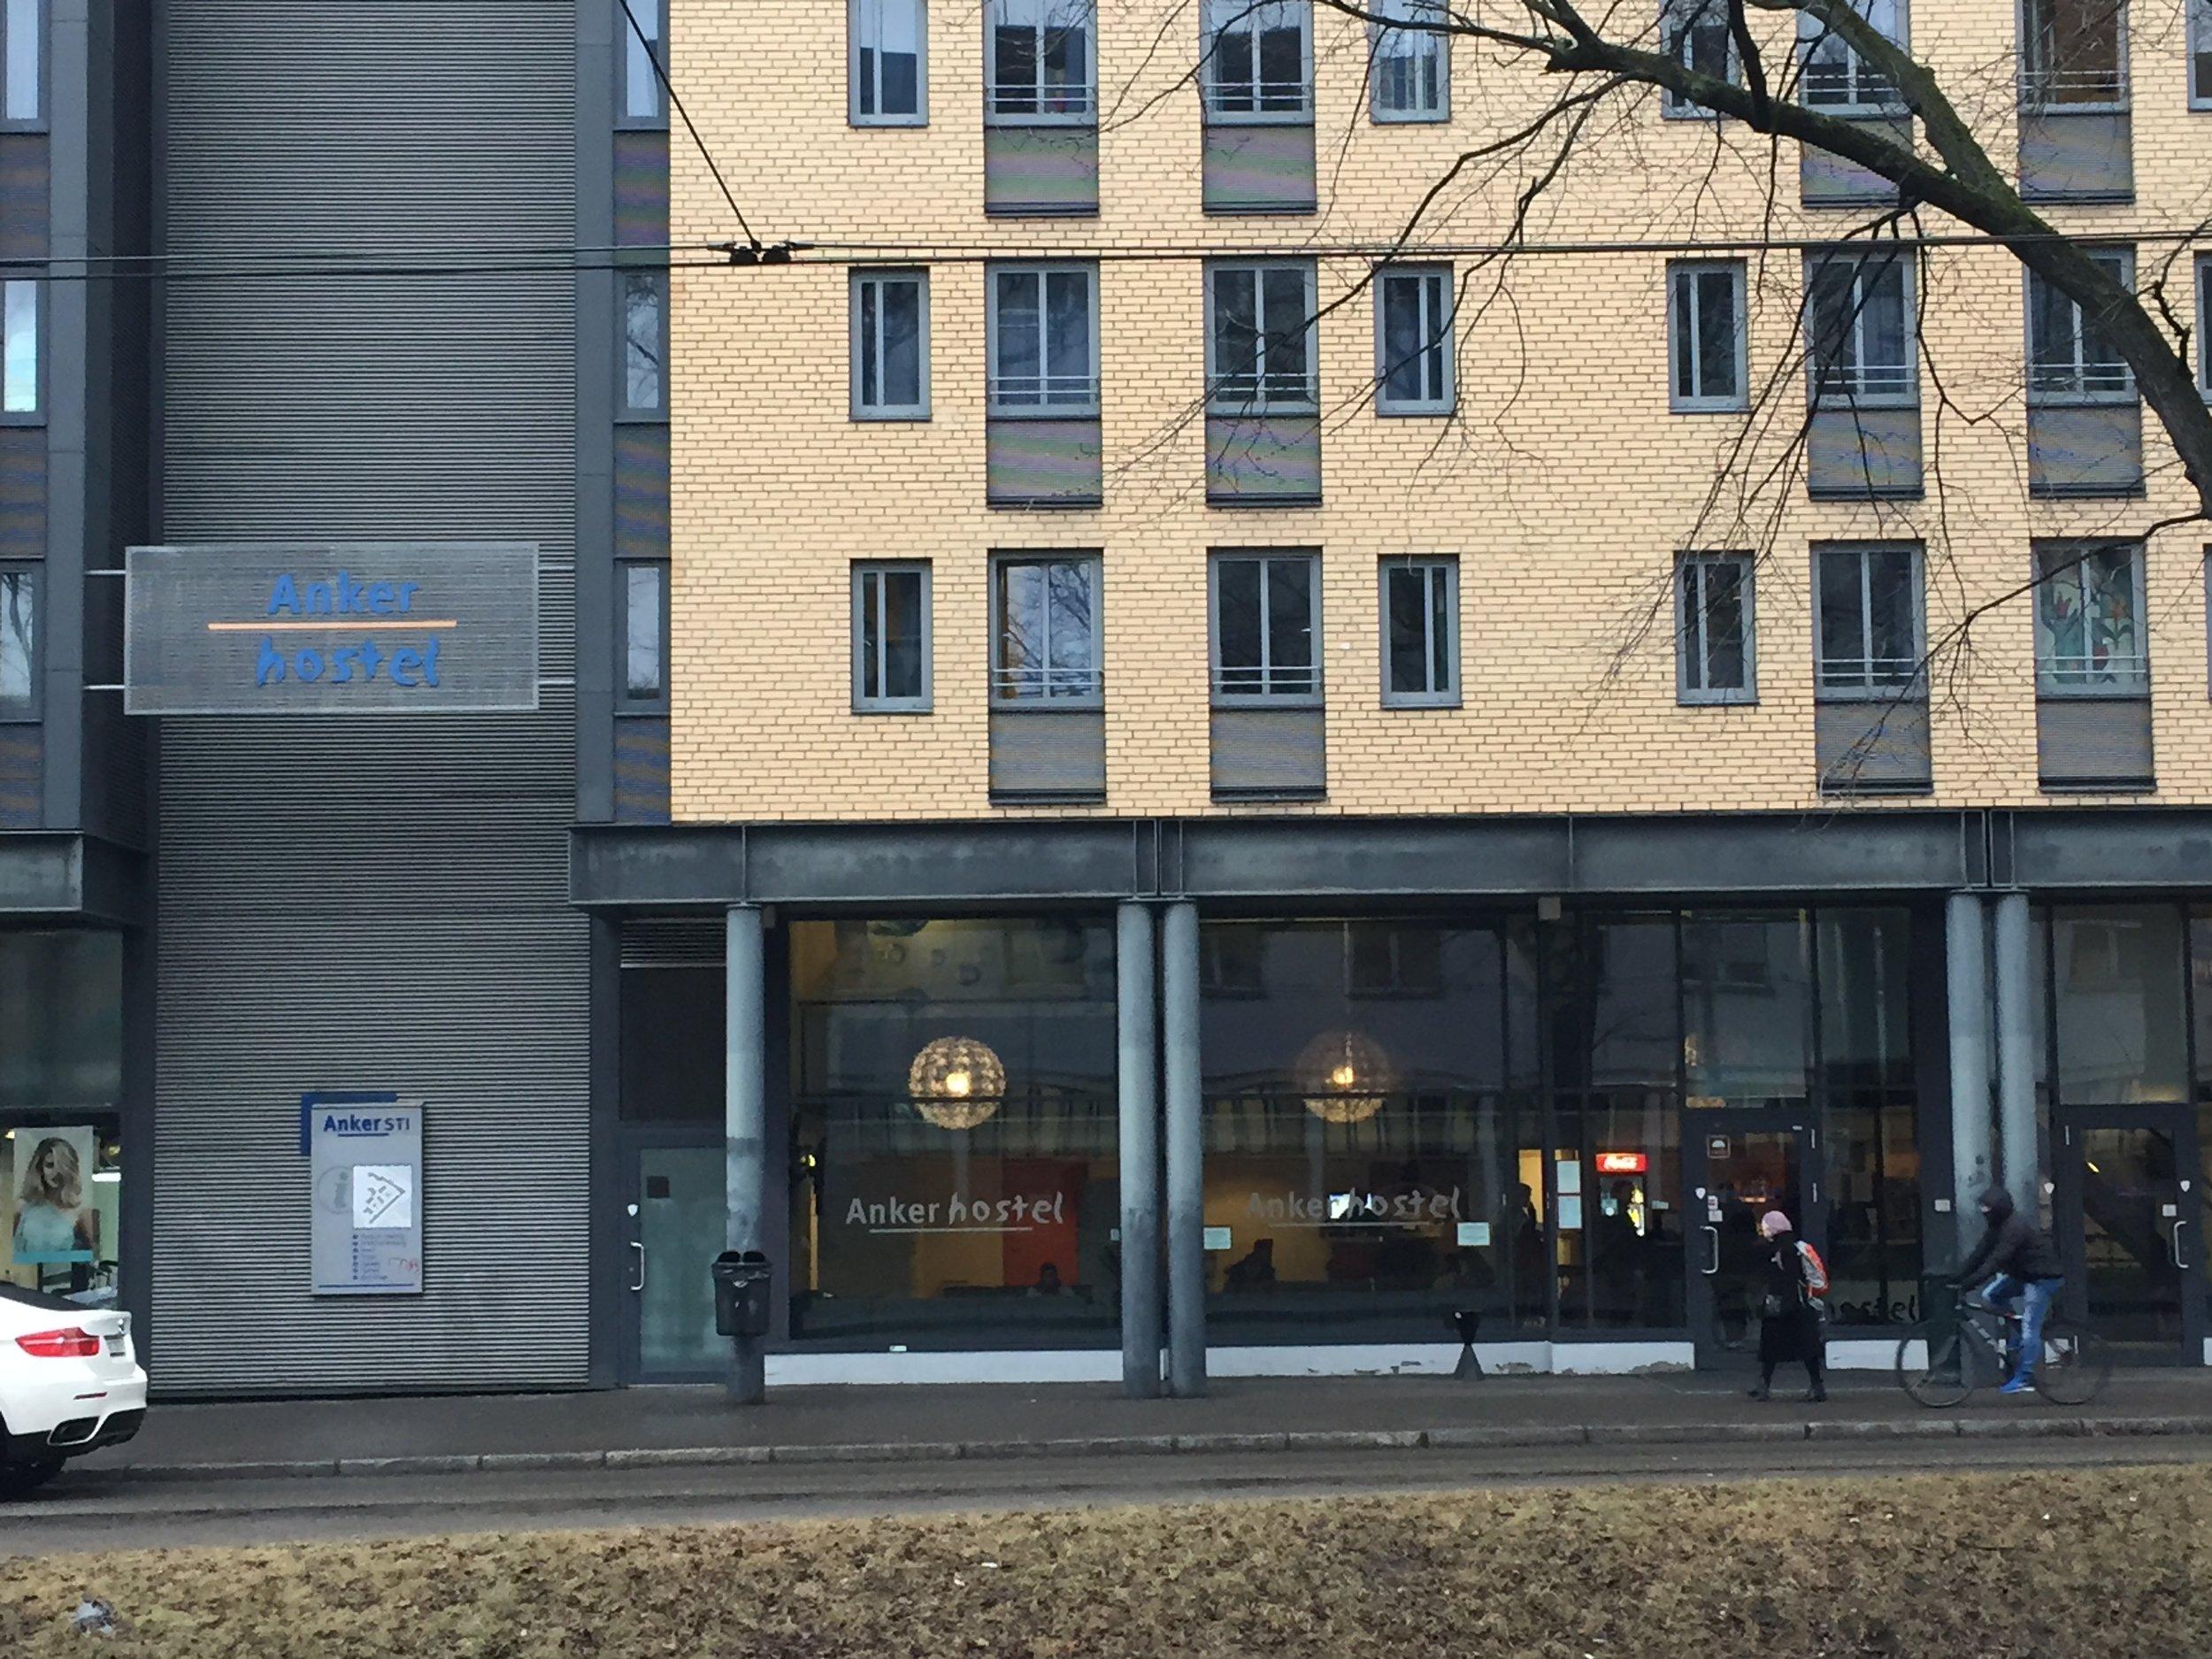 anker_hostel_front.jpg